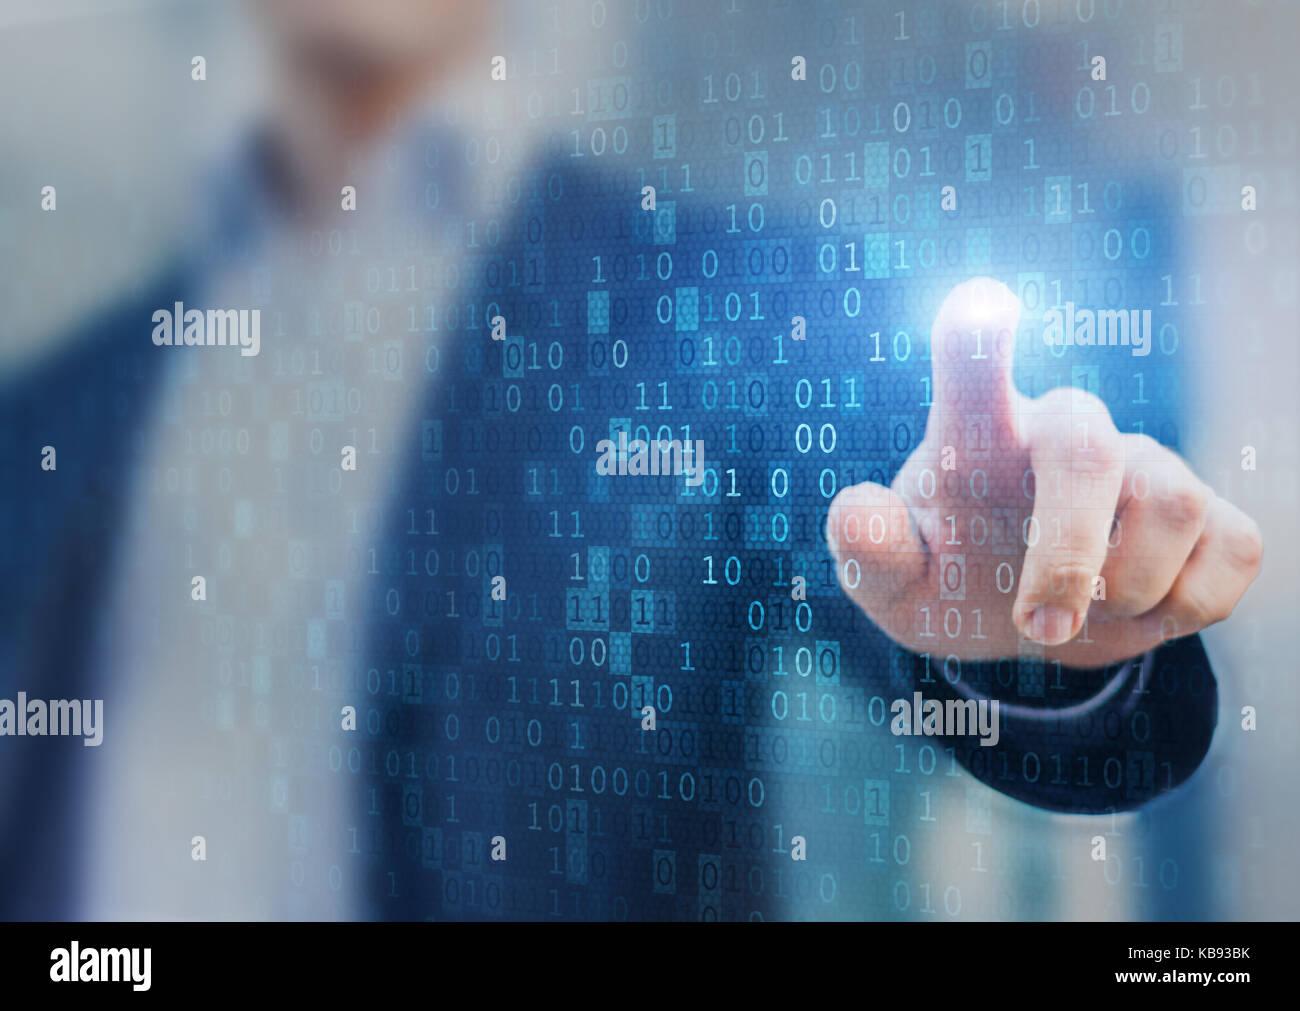 Grande statistiche dati e analisi di business concetto con flusso o stream di codice binario informazioni sulla Immagini Stock